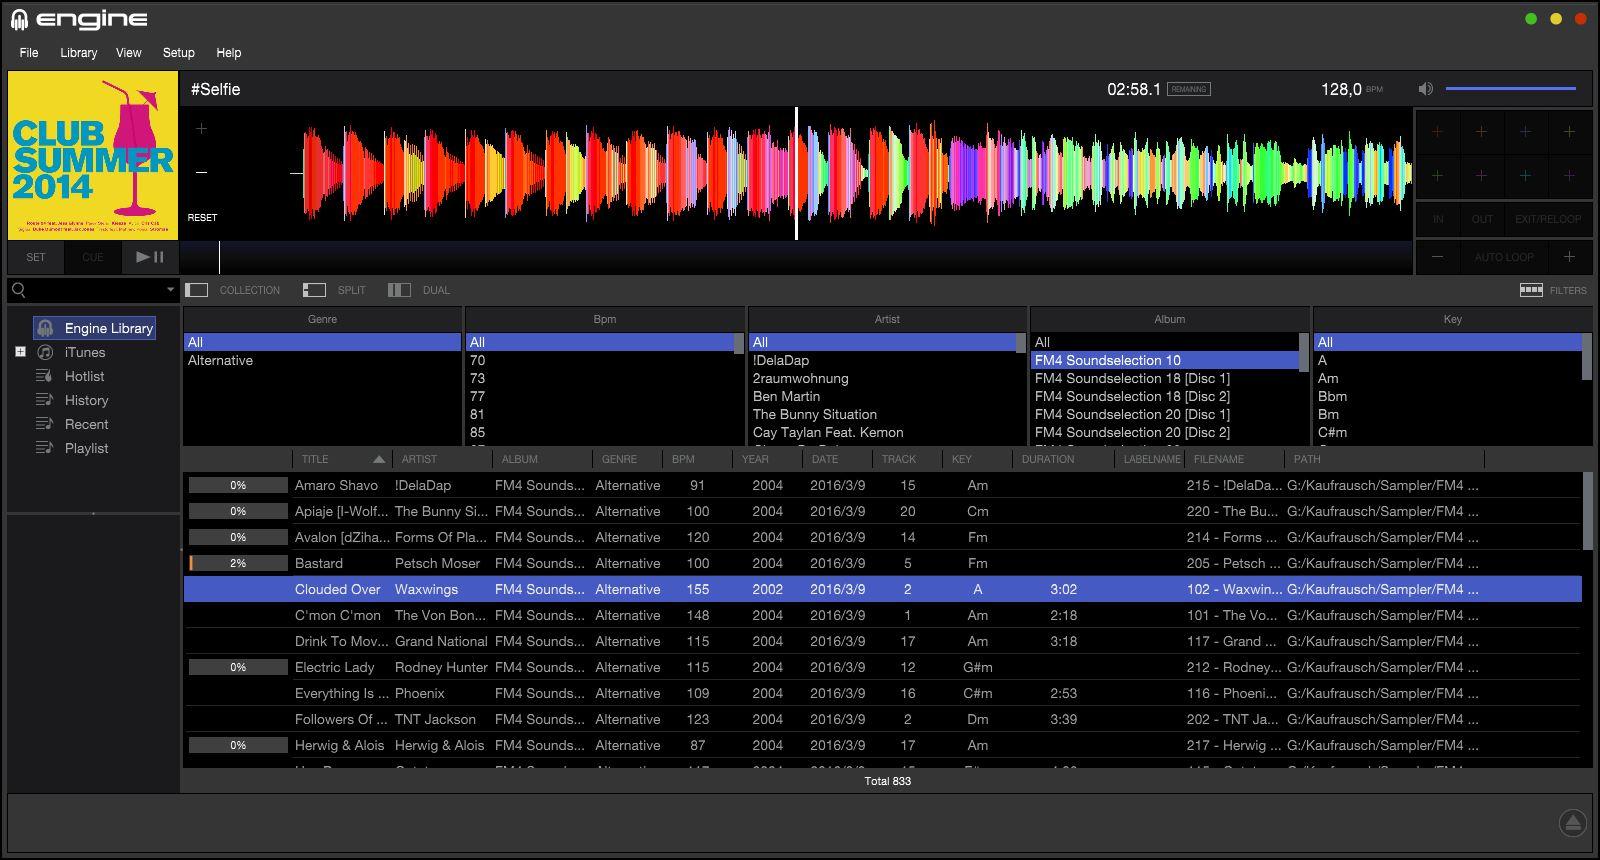 denon dj engine 1.5 software download